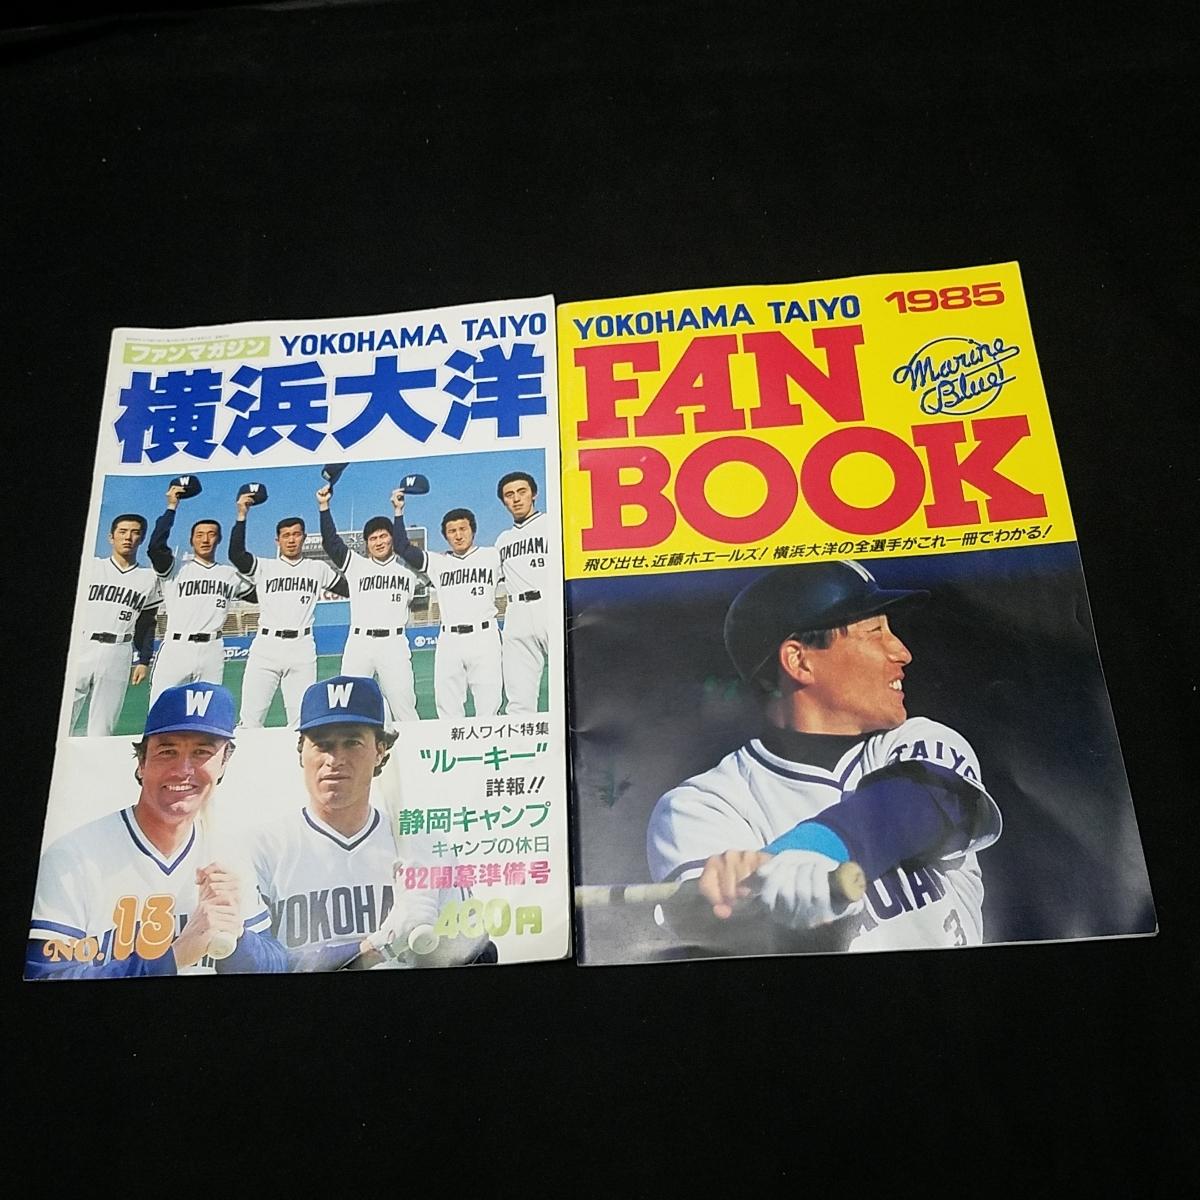 横浜大洋、横浜ベイスターズ、ファンブック、14冊まとめ売り_画像4